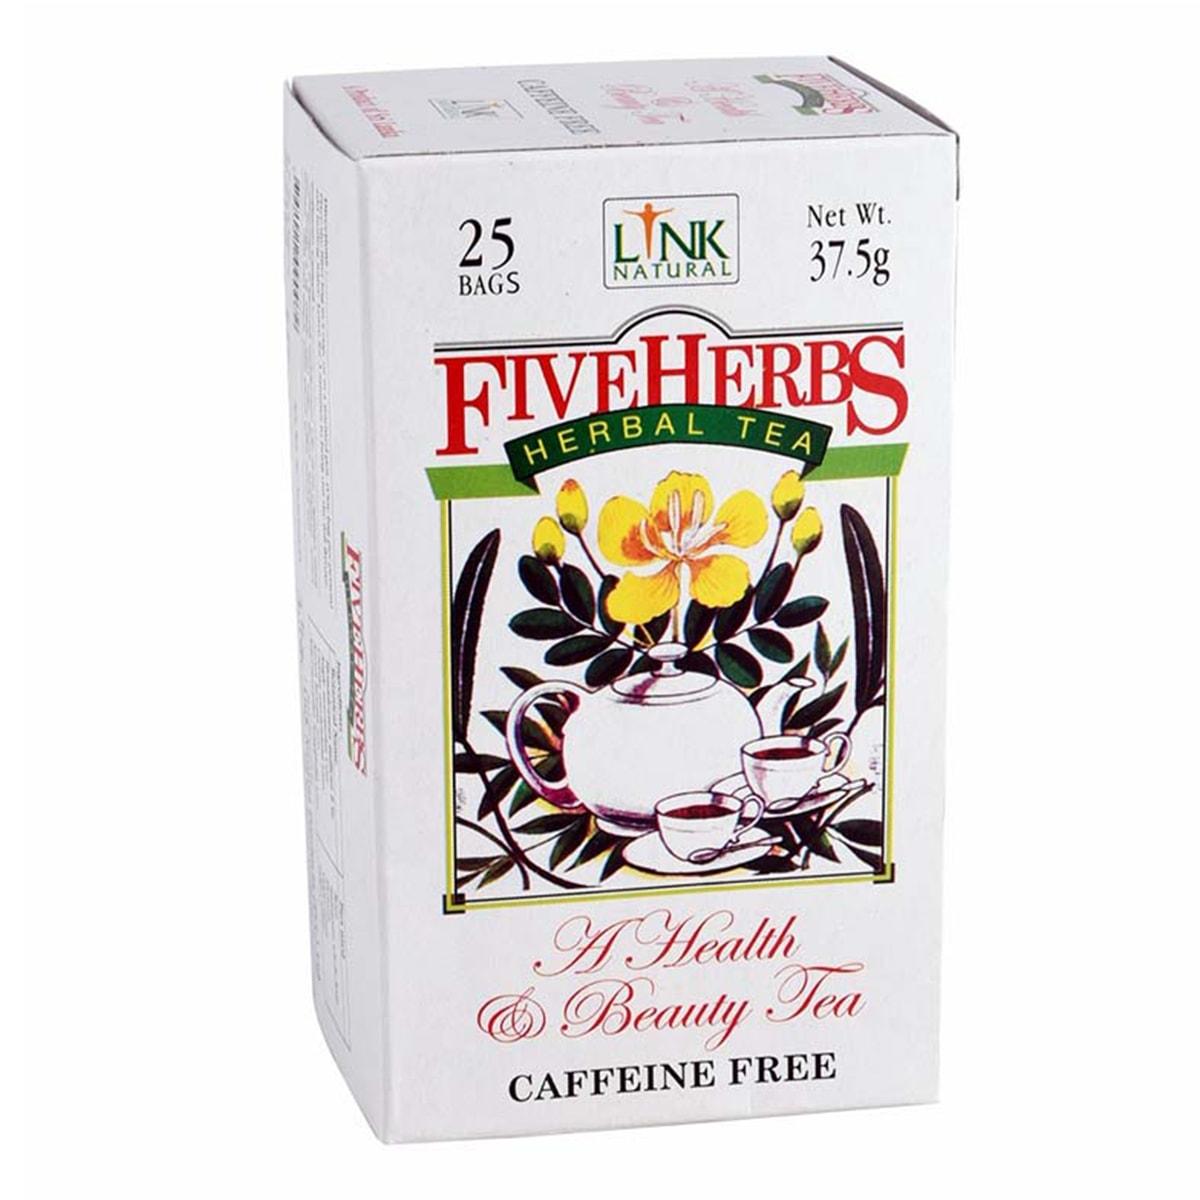 Buy Link Natural Five Herbs Herbal Tea (Caffeine Free) - 37.5 gm